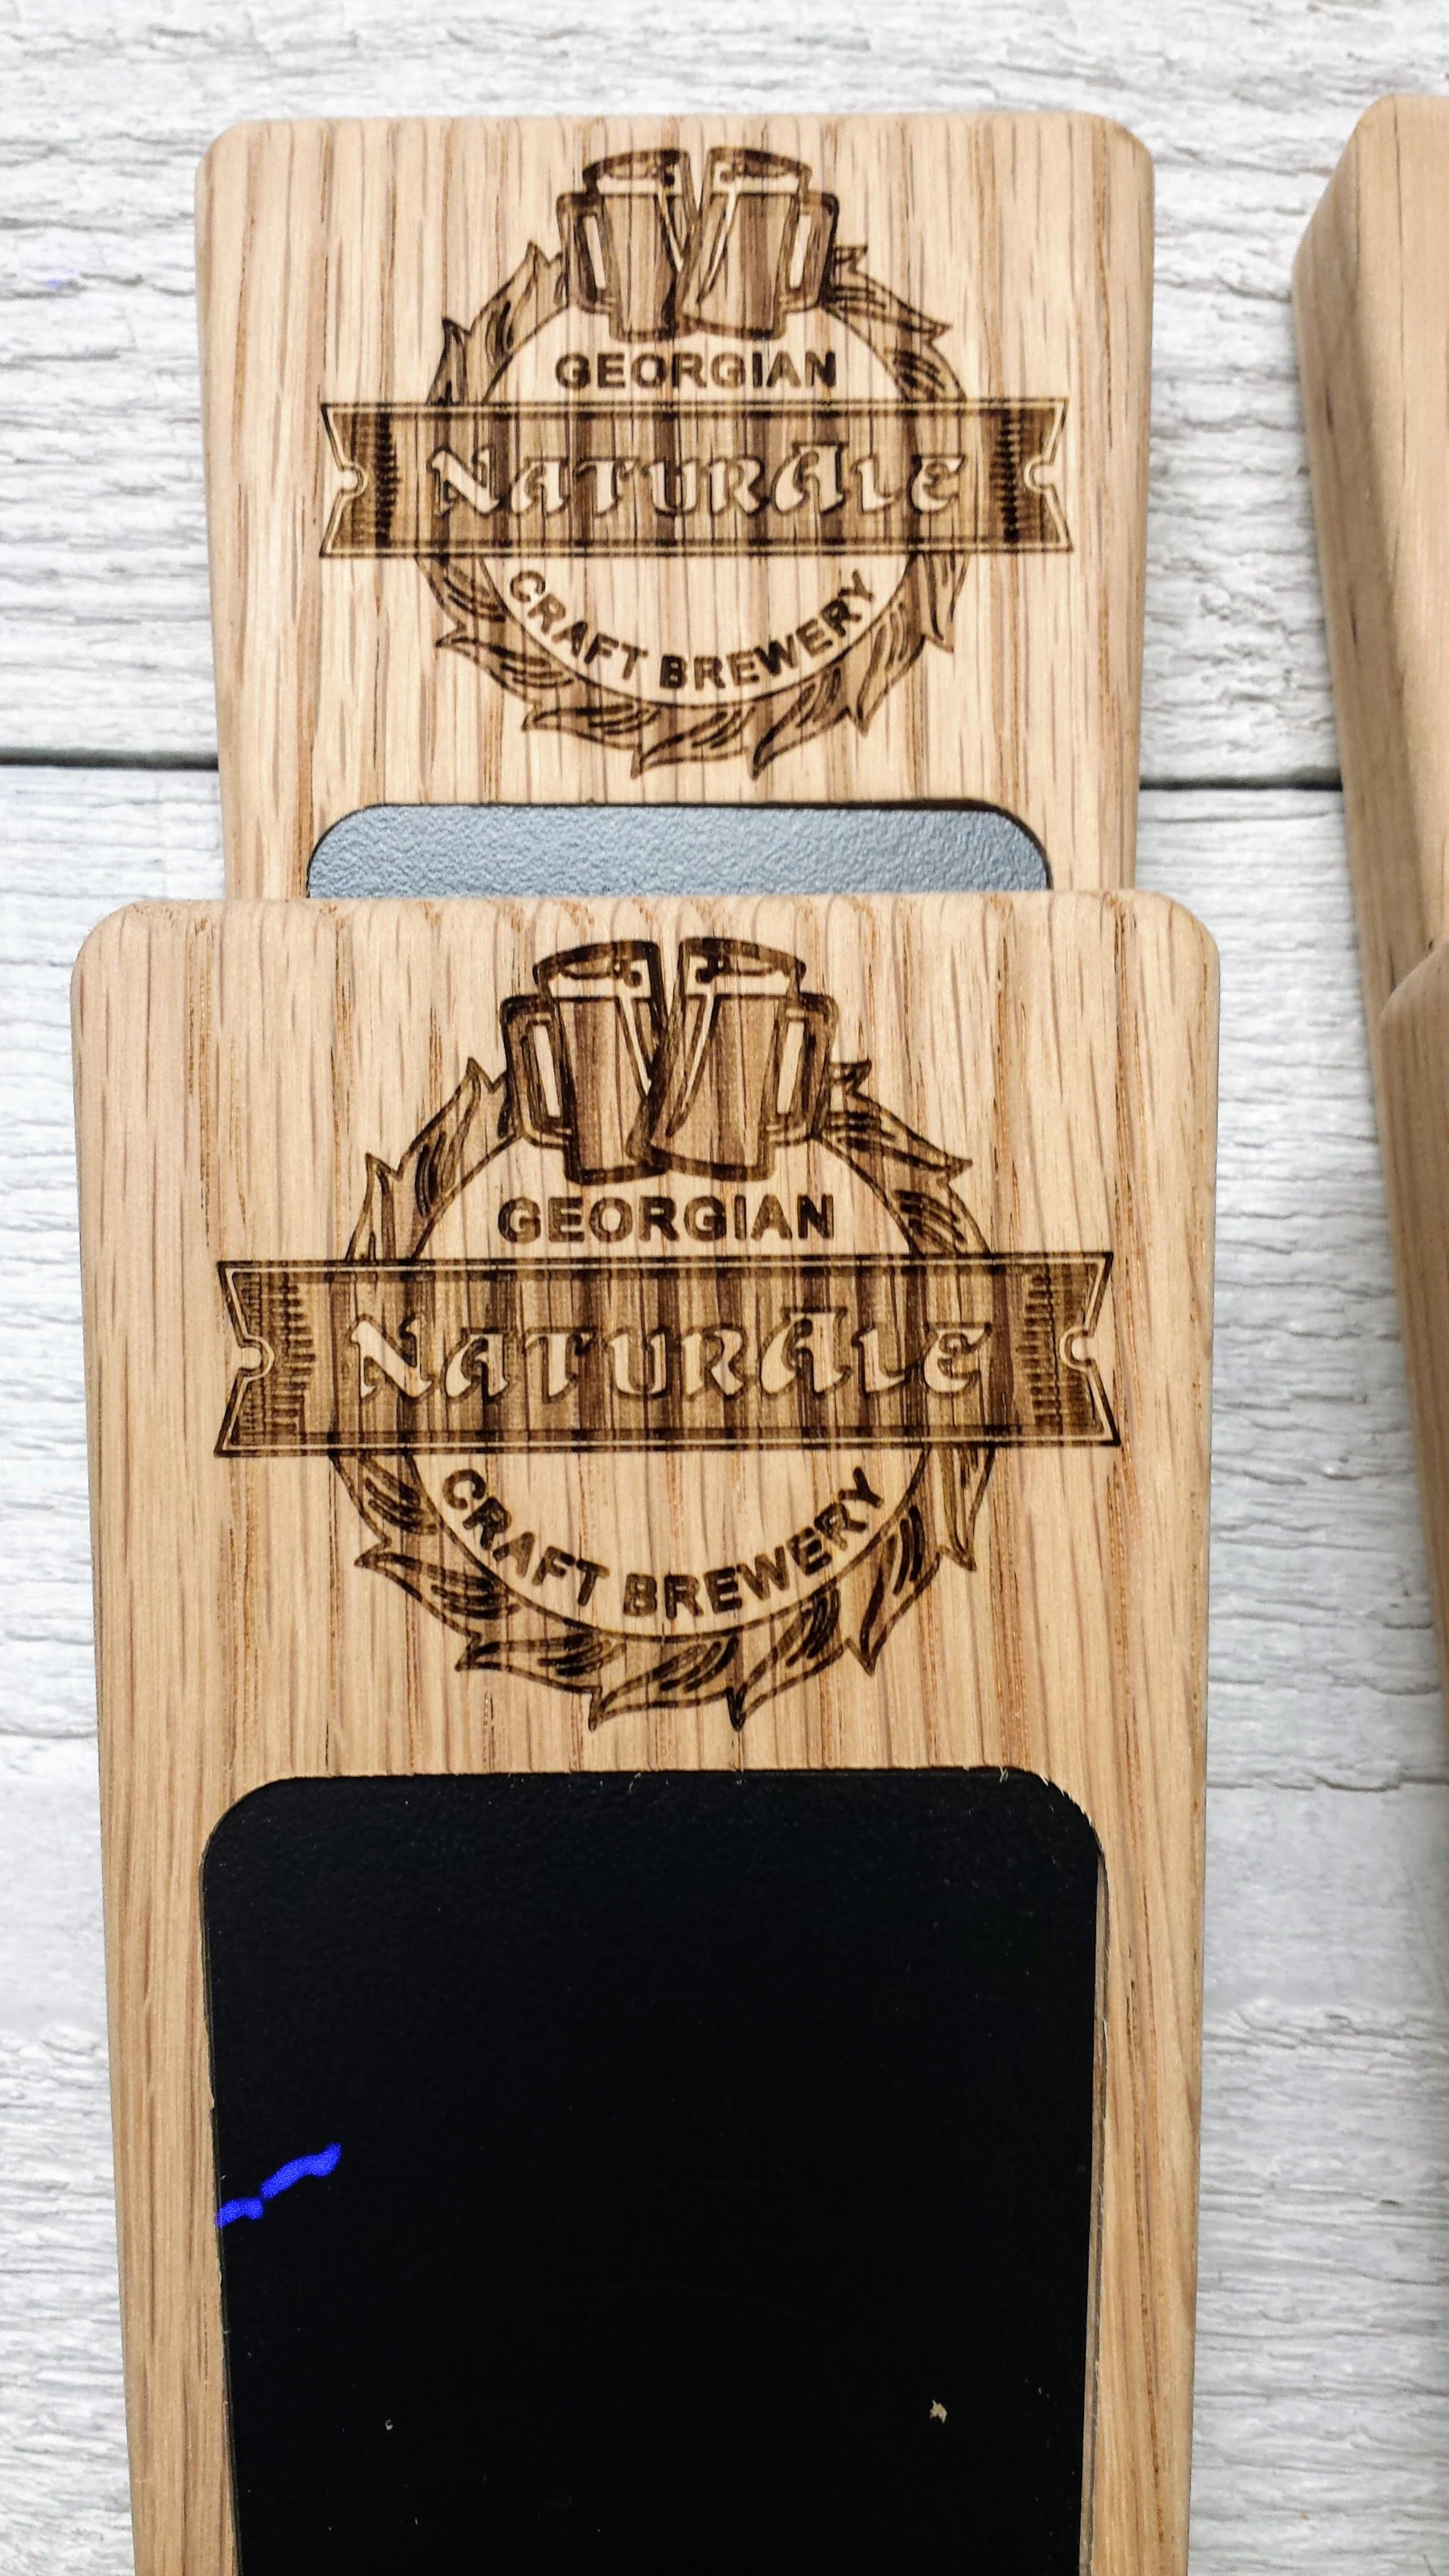 Georgian Brewery